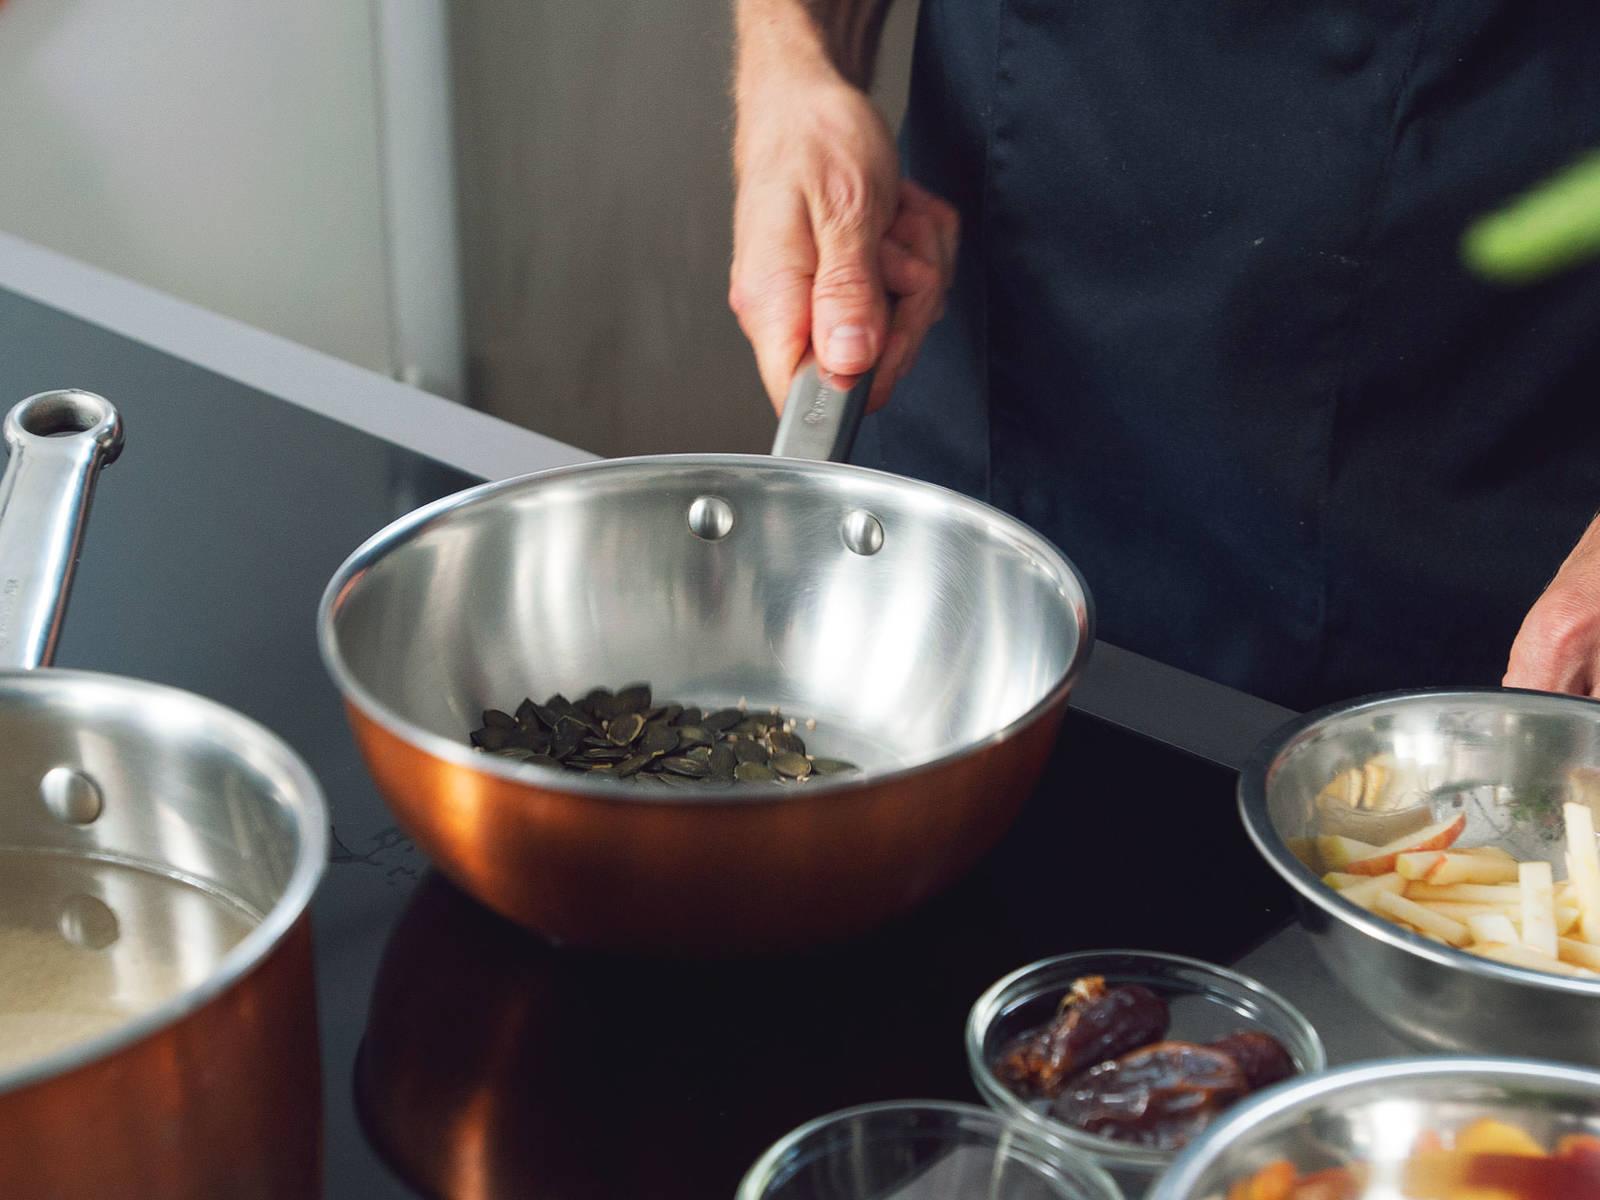 Quinoa in einem feinmaschigen Sieb mit kaltem Wasser gründlich spülen. In einem mittelgroßen Topf Quinoa mit Wasser und einer Prise Salz zum Kochen bringen. Bei niedriger Hitze für ca. 15 Min. mit Deckel köcheln lassen, oder bis das Quinoa durchsichtig wird. In der Zwischenzeit Kürbiskerne und Sesamsaat in einer Pfanne goldbraun anrösten. Zur Seite stellen.